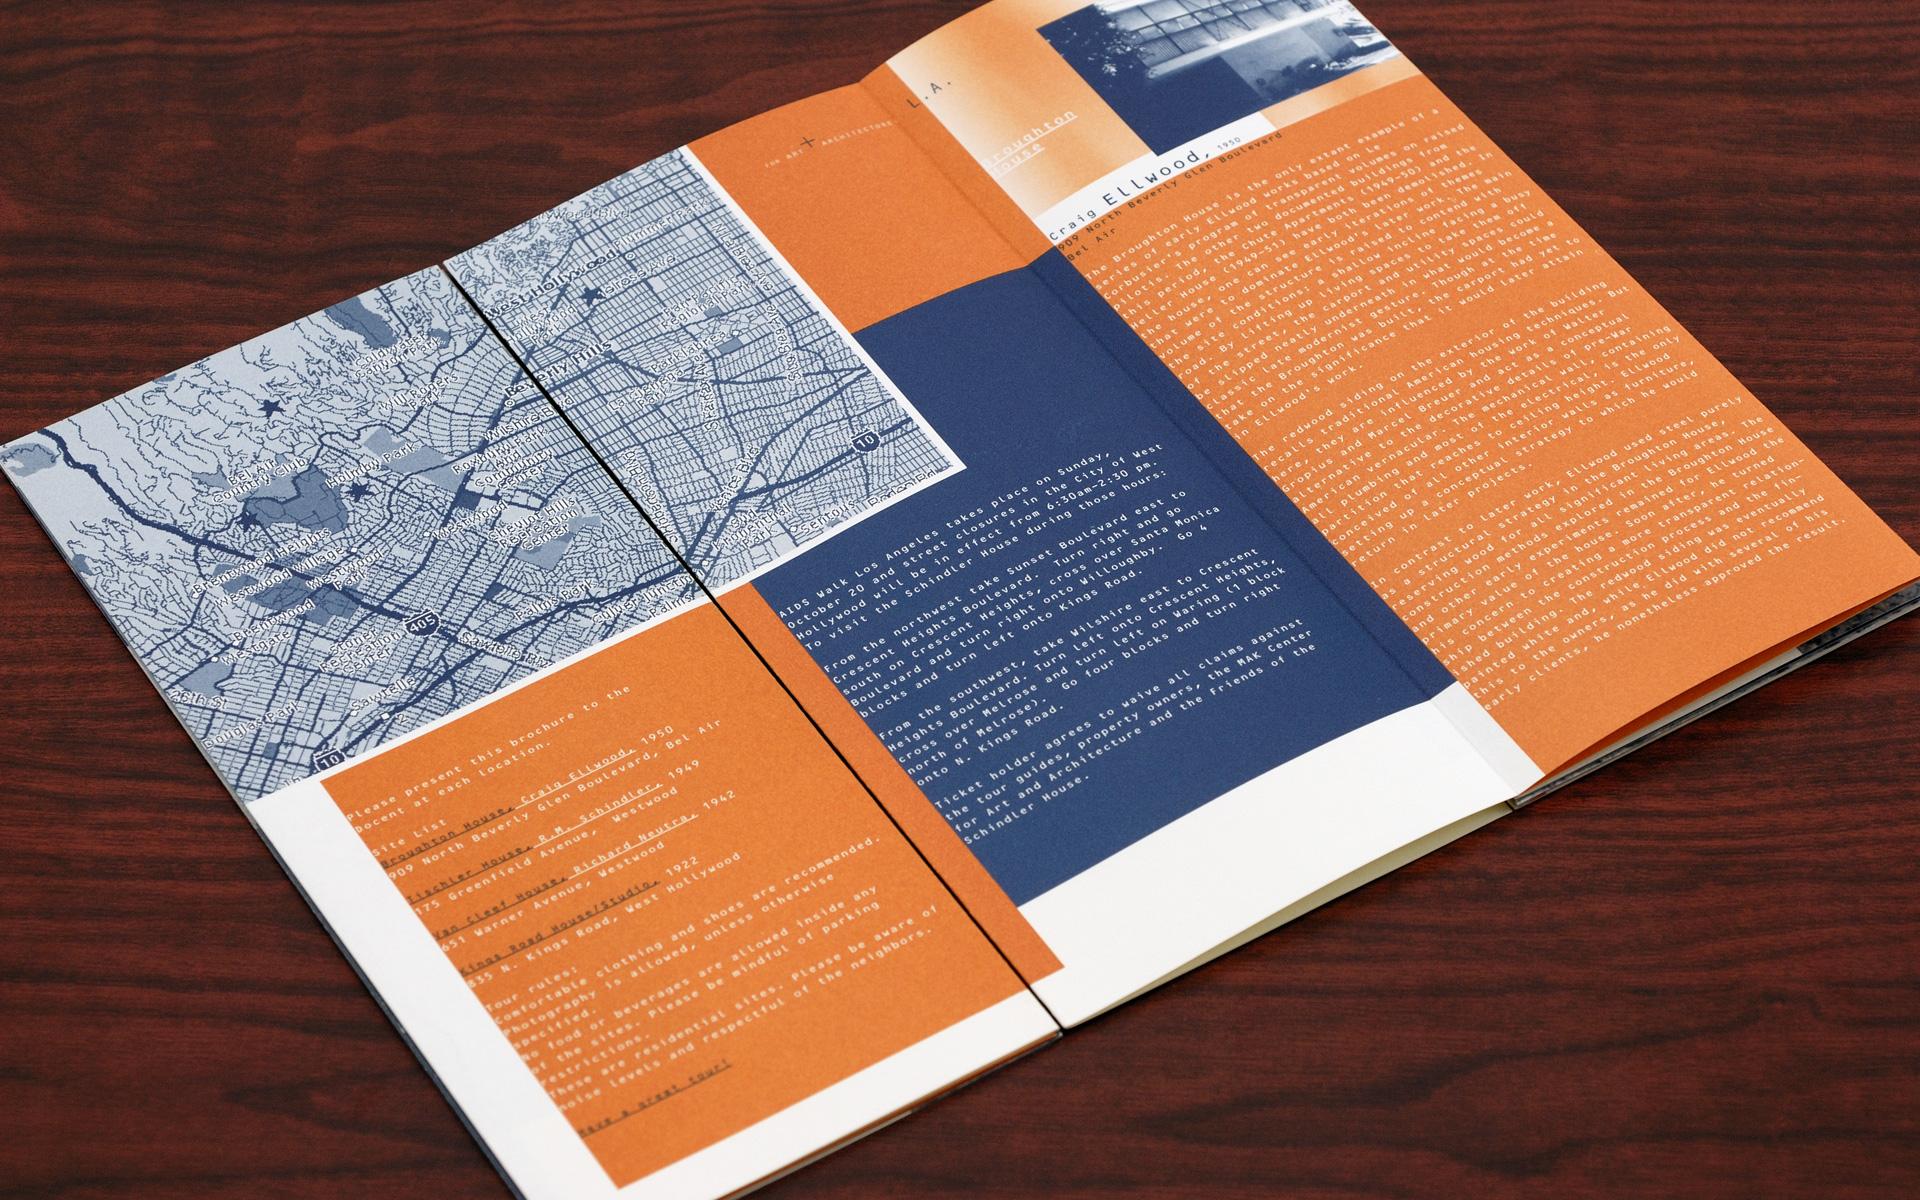 MAK_Center_Brochure_03